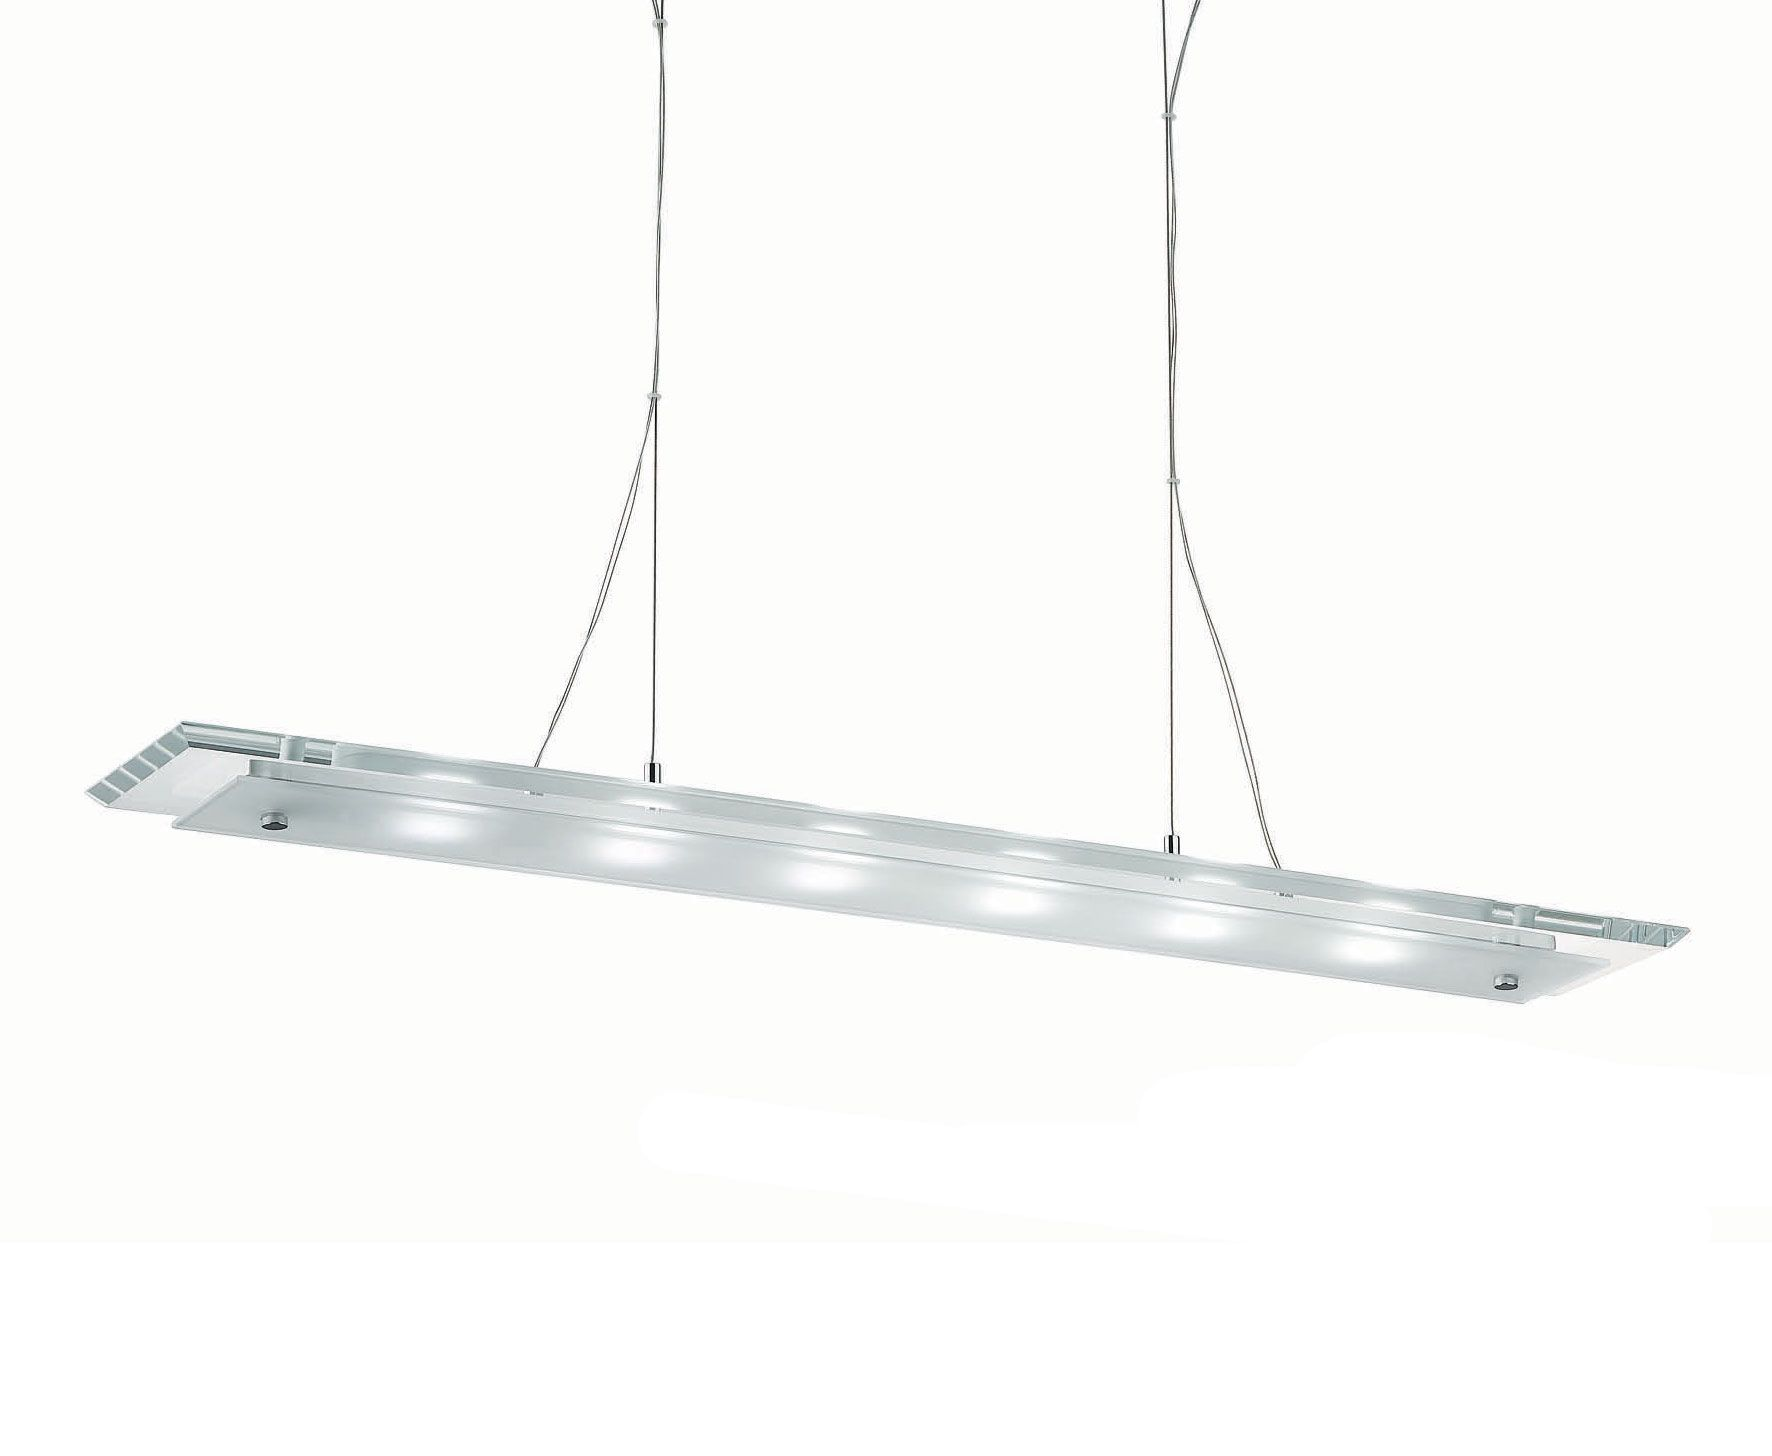 Office-1 SP6 Ideal Lux, najtaniej abanet.pl, oświetlenie do biura